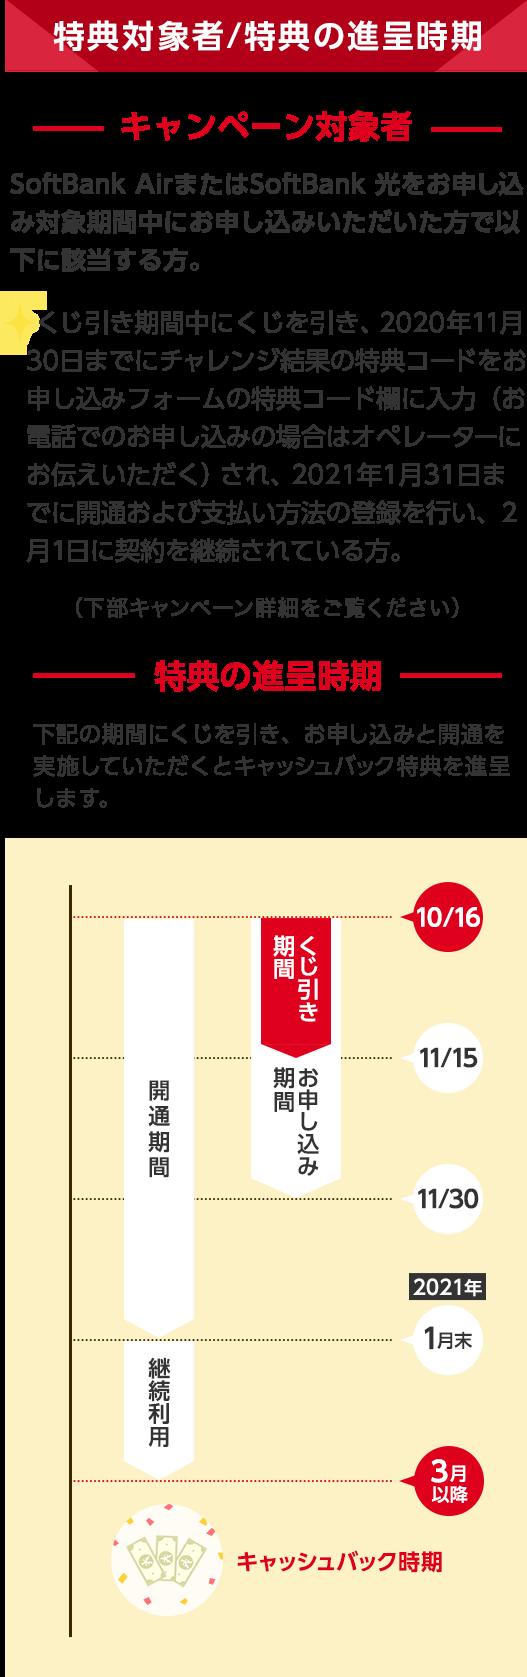 特典対象者/特典の進呈時期 キャンペーン対象者 SoftBank AirまたはSoftBank 光をお申し込み対象期間中にお申し込みいただいた方で以下に該当する方。 くじ引き期間中にくじを引き、2020年11月30日までにチャレンジ結果の特典コードをお申し込みフォームの特典コード欄に入力(お電話でのお申し込みの場合はオペレーターにお伝えいただく)され、2020年1月31日までに開通および支払い方法の登録を行い、2月1日に契約を継続されている方。 (下部キャンペーン詳細をご覧ください) 特典の進呈時期 下記の期間に申し込みと開通を実施して頂くとキャッシュバック特典を進呈します。くじ引き期間10月16日~11月15日 申し込み期間10月16日~11月30日 開通期間10月16日~2021年1月末 キャッシュバック時期2021年3月以降